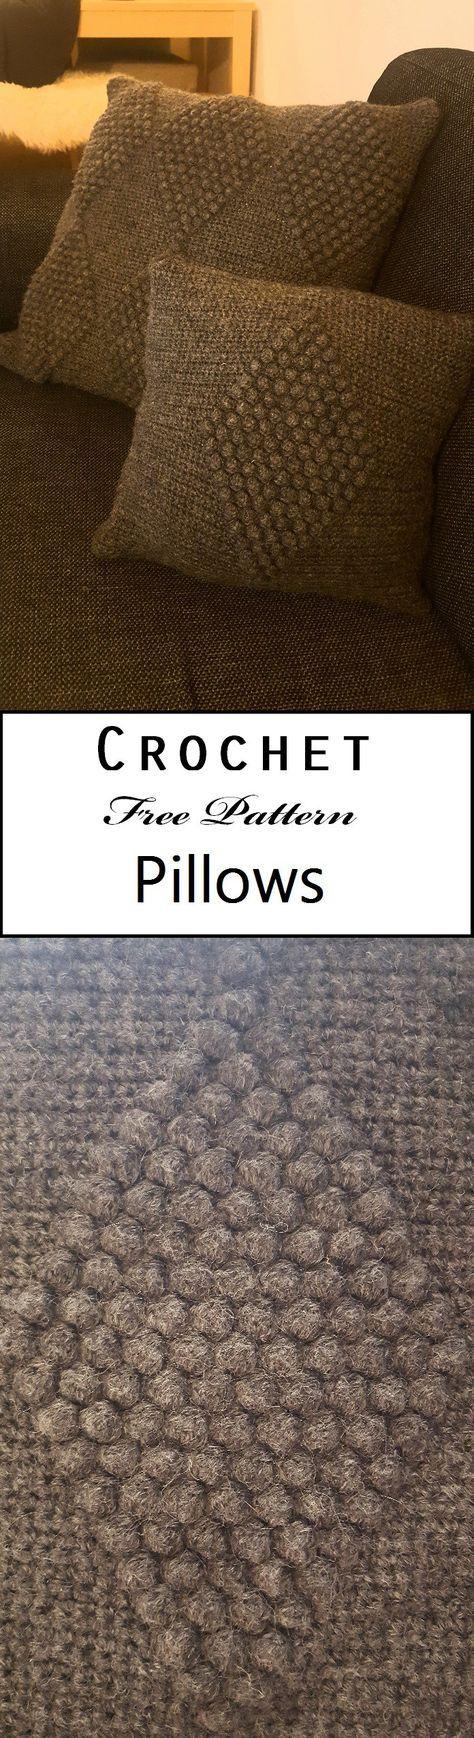 Small Pillow - Free Crochet Pattern - (sarafromwonderland)